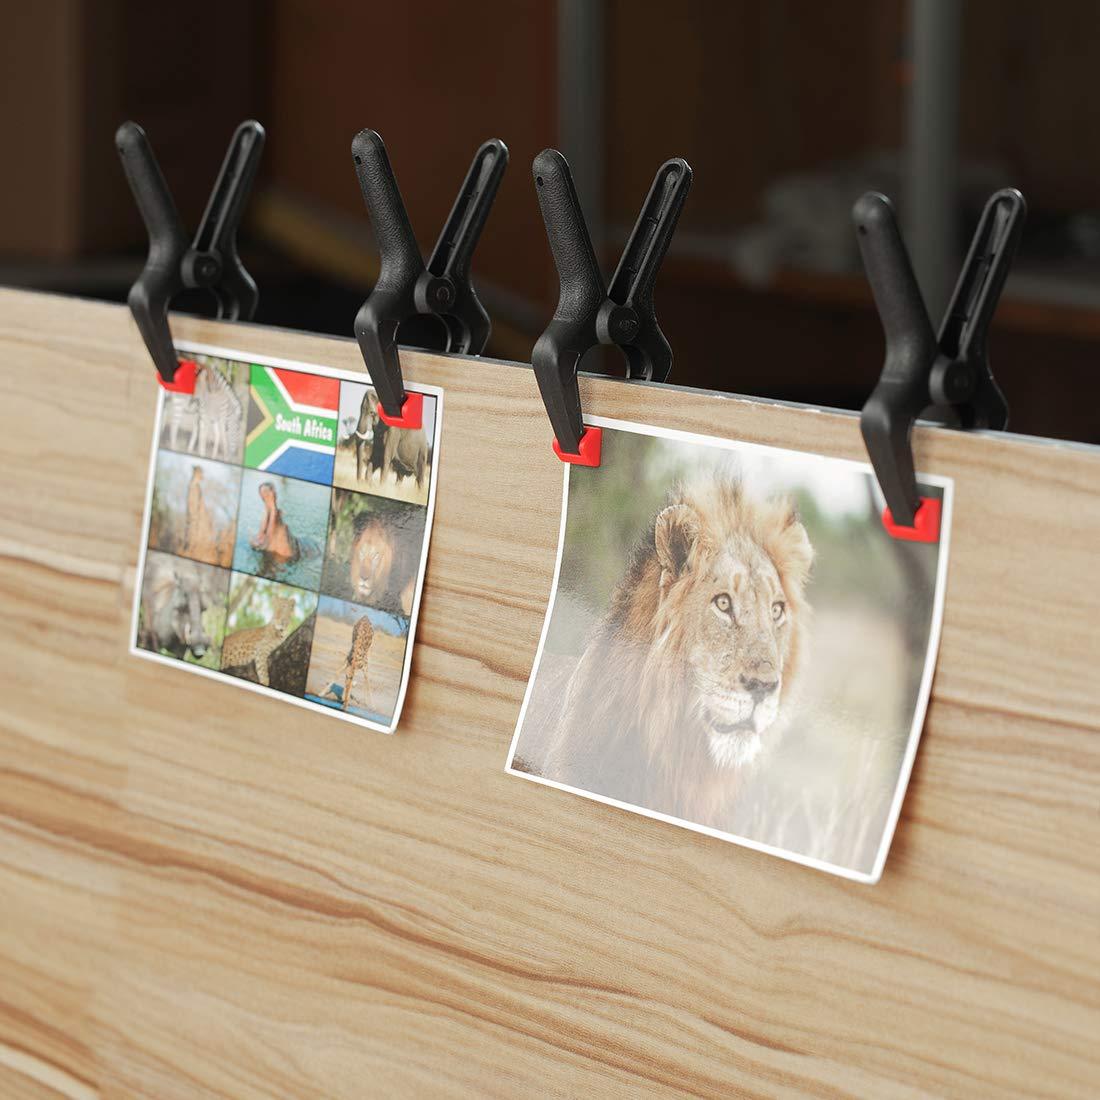 WORKPRO Jeu de Pince /à Ressort Plastique Ouverture jusqu/à 60 35 mm Pince de serrage pour Bois Atelier Photographie 16 Pi/èce 45